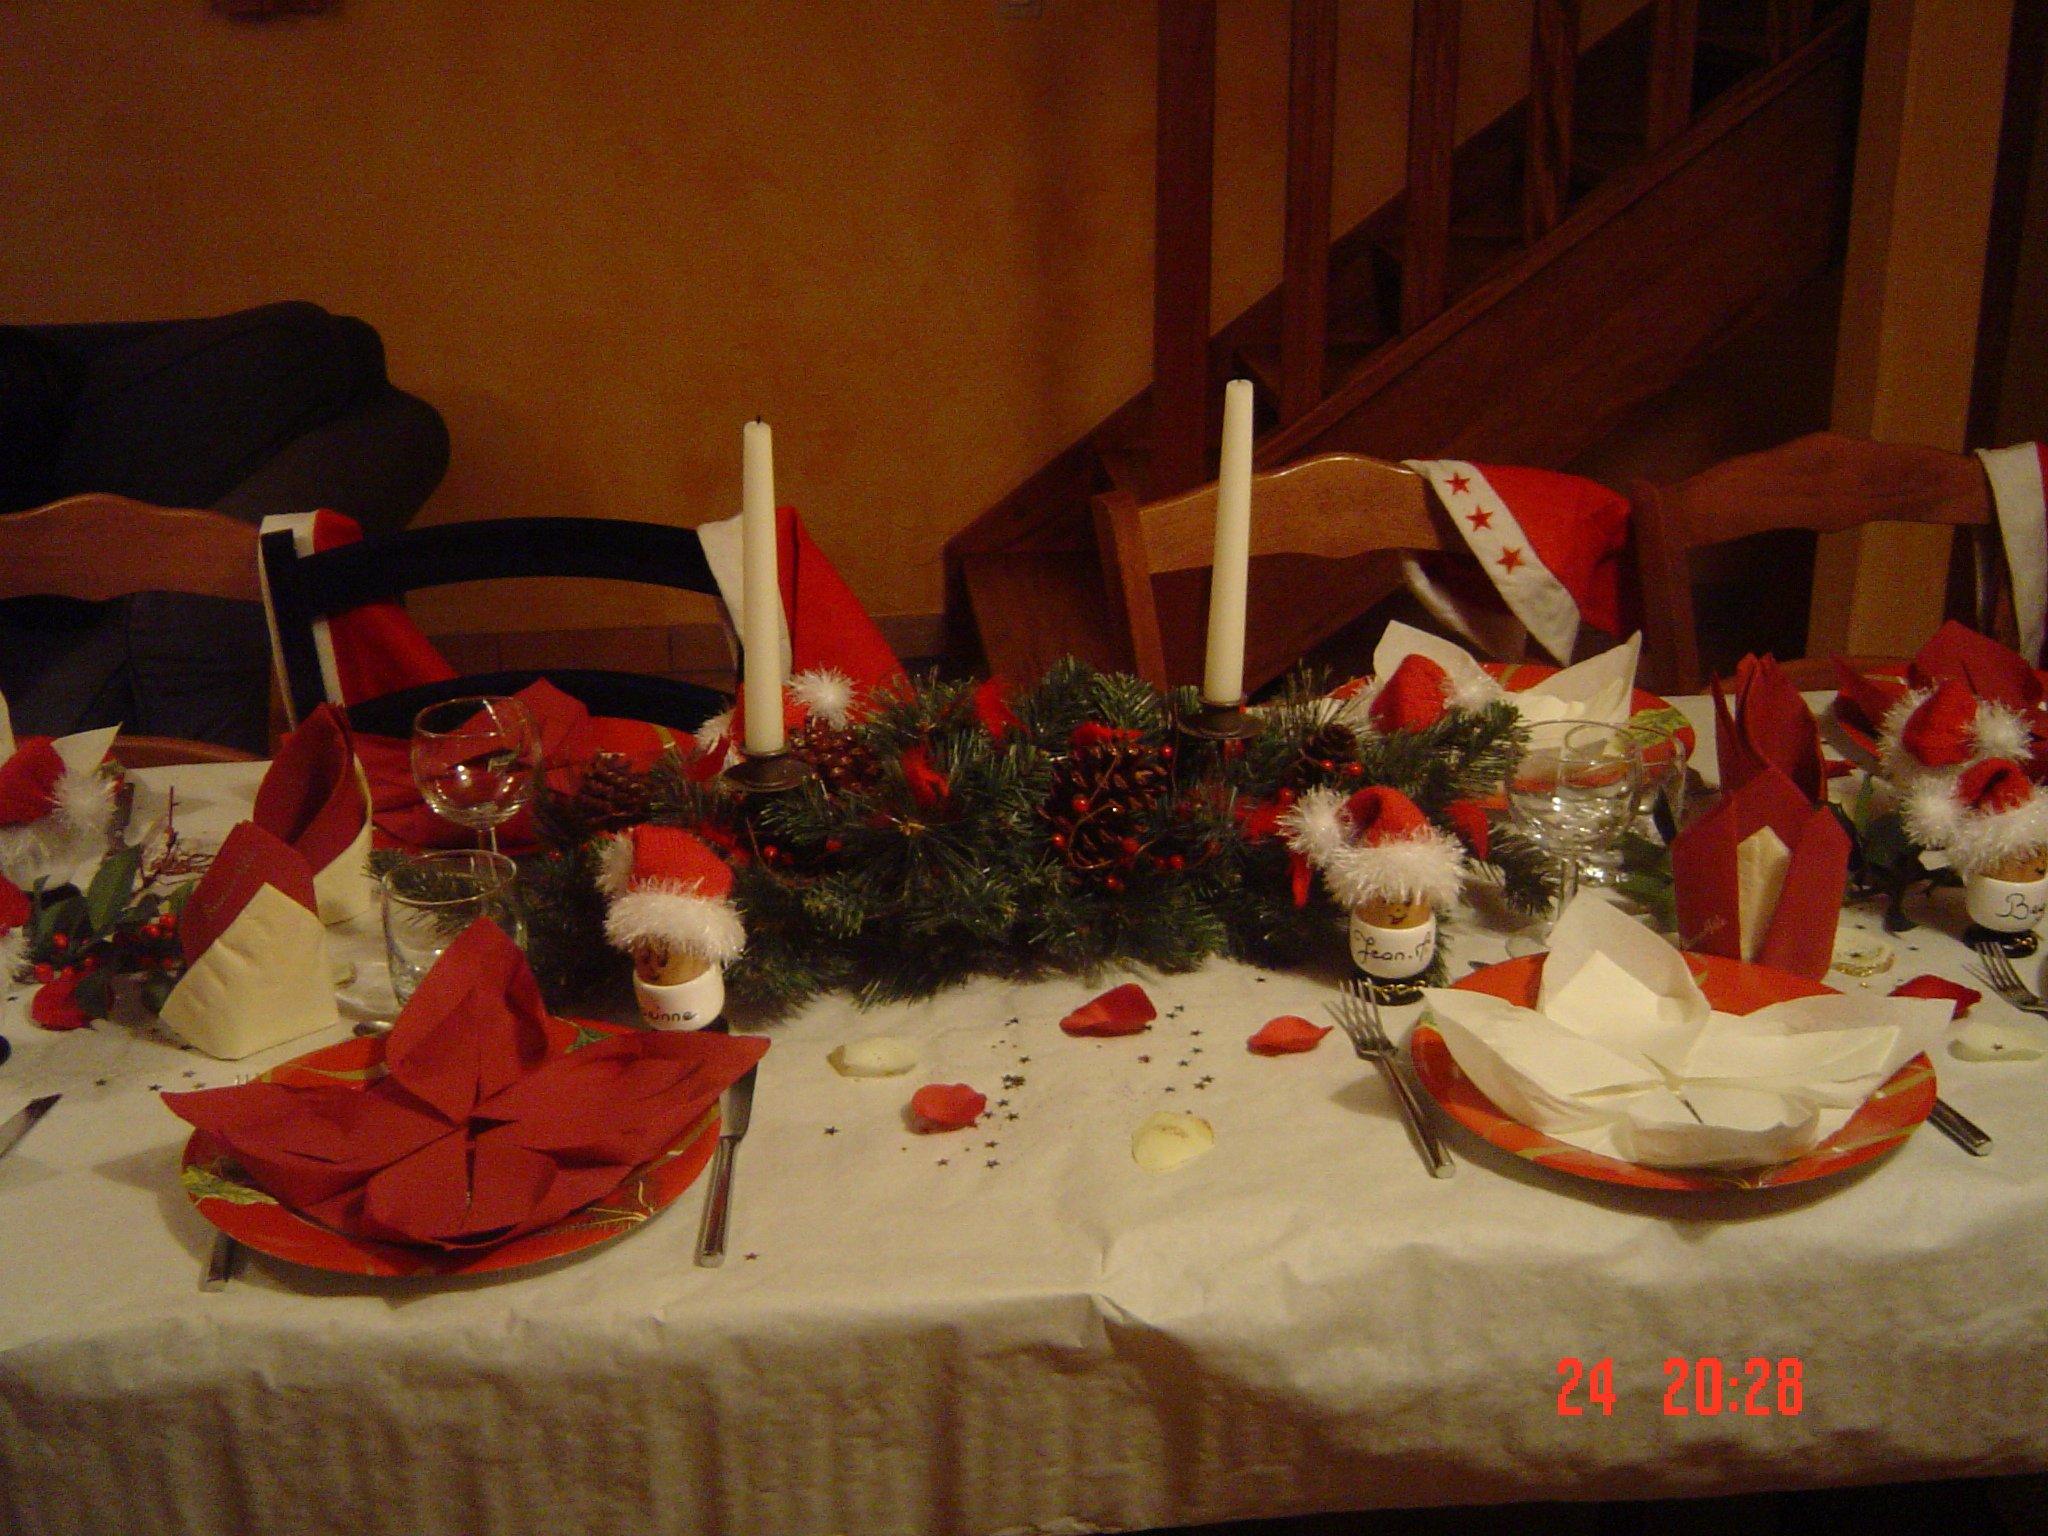 #B73114 Idée De Décoration De Table De Noël · Les Créations De Coco 5713 idée décoration noel classe 2048x1536 px @ aertt.com